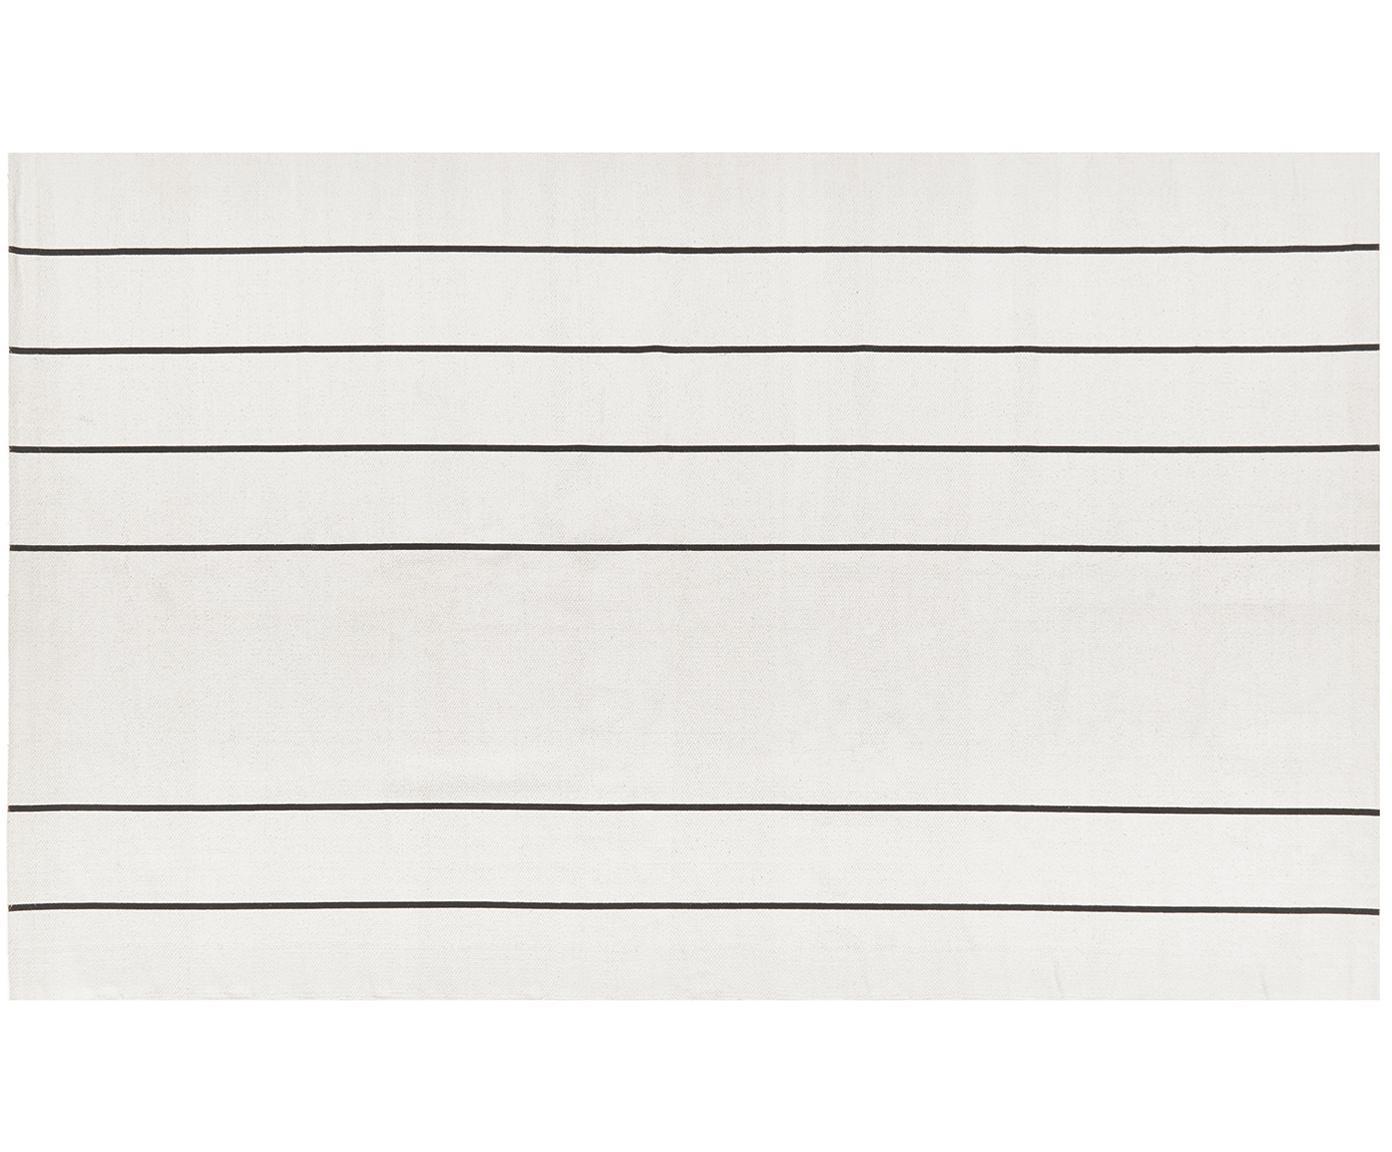 Flachgewebter Baumwollteppich David mit Linien, handgefertigt, 100% Baumwolle, Cremeweiß, Schwarz, B 50 x L 80 cm (Größe XXS)